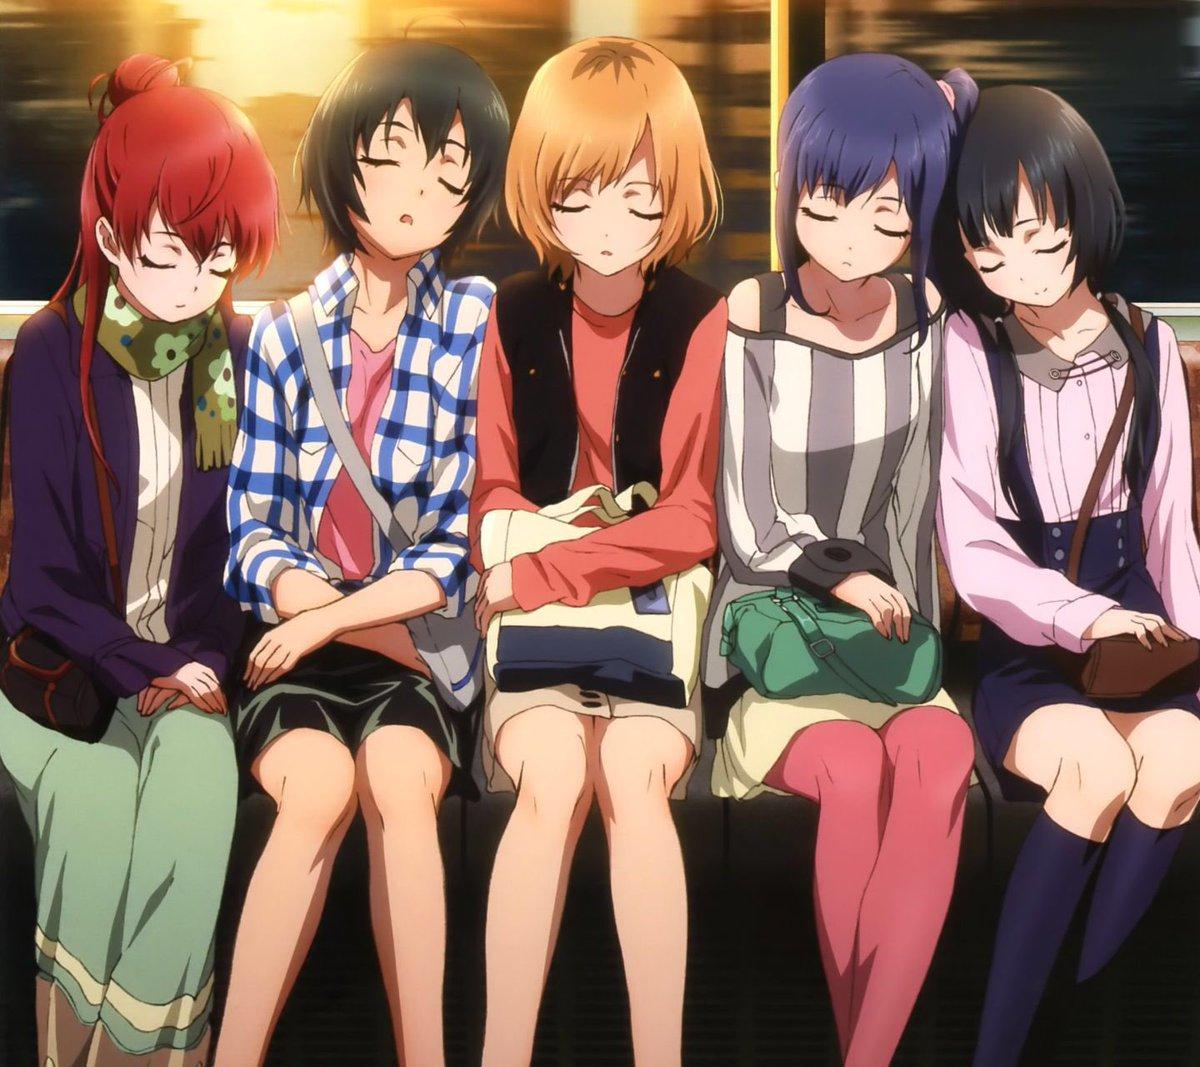 『SHIROBAKO』自分の人生観を変えてくれたアニメ毎週感動してました:;(∩´﹏`∩);:特に新人声優としてばったり